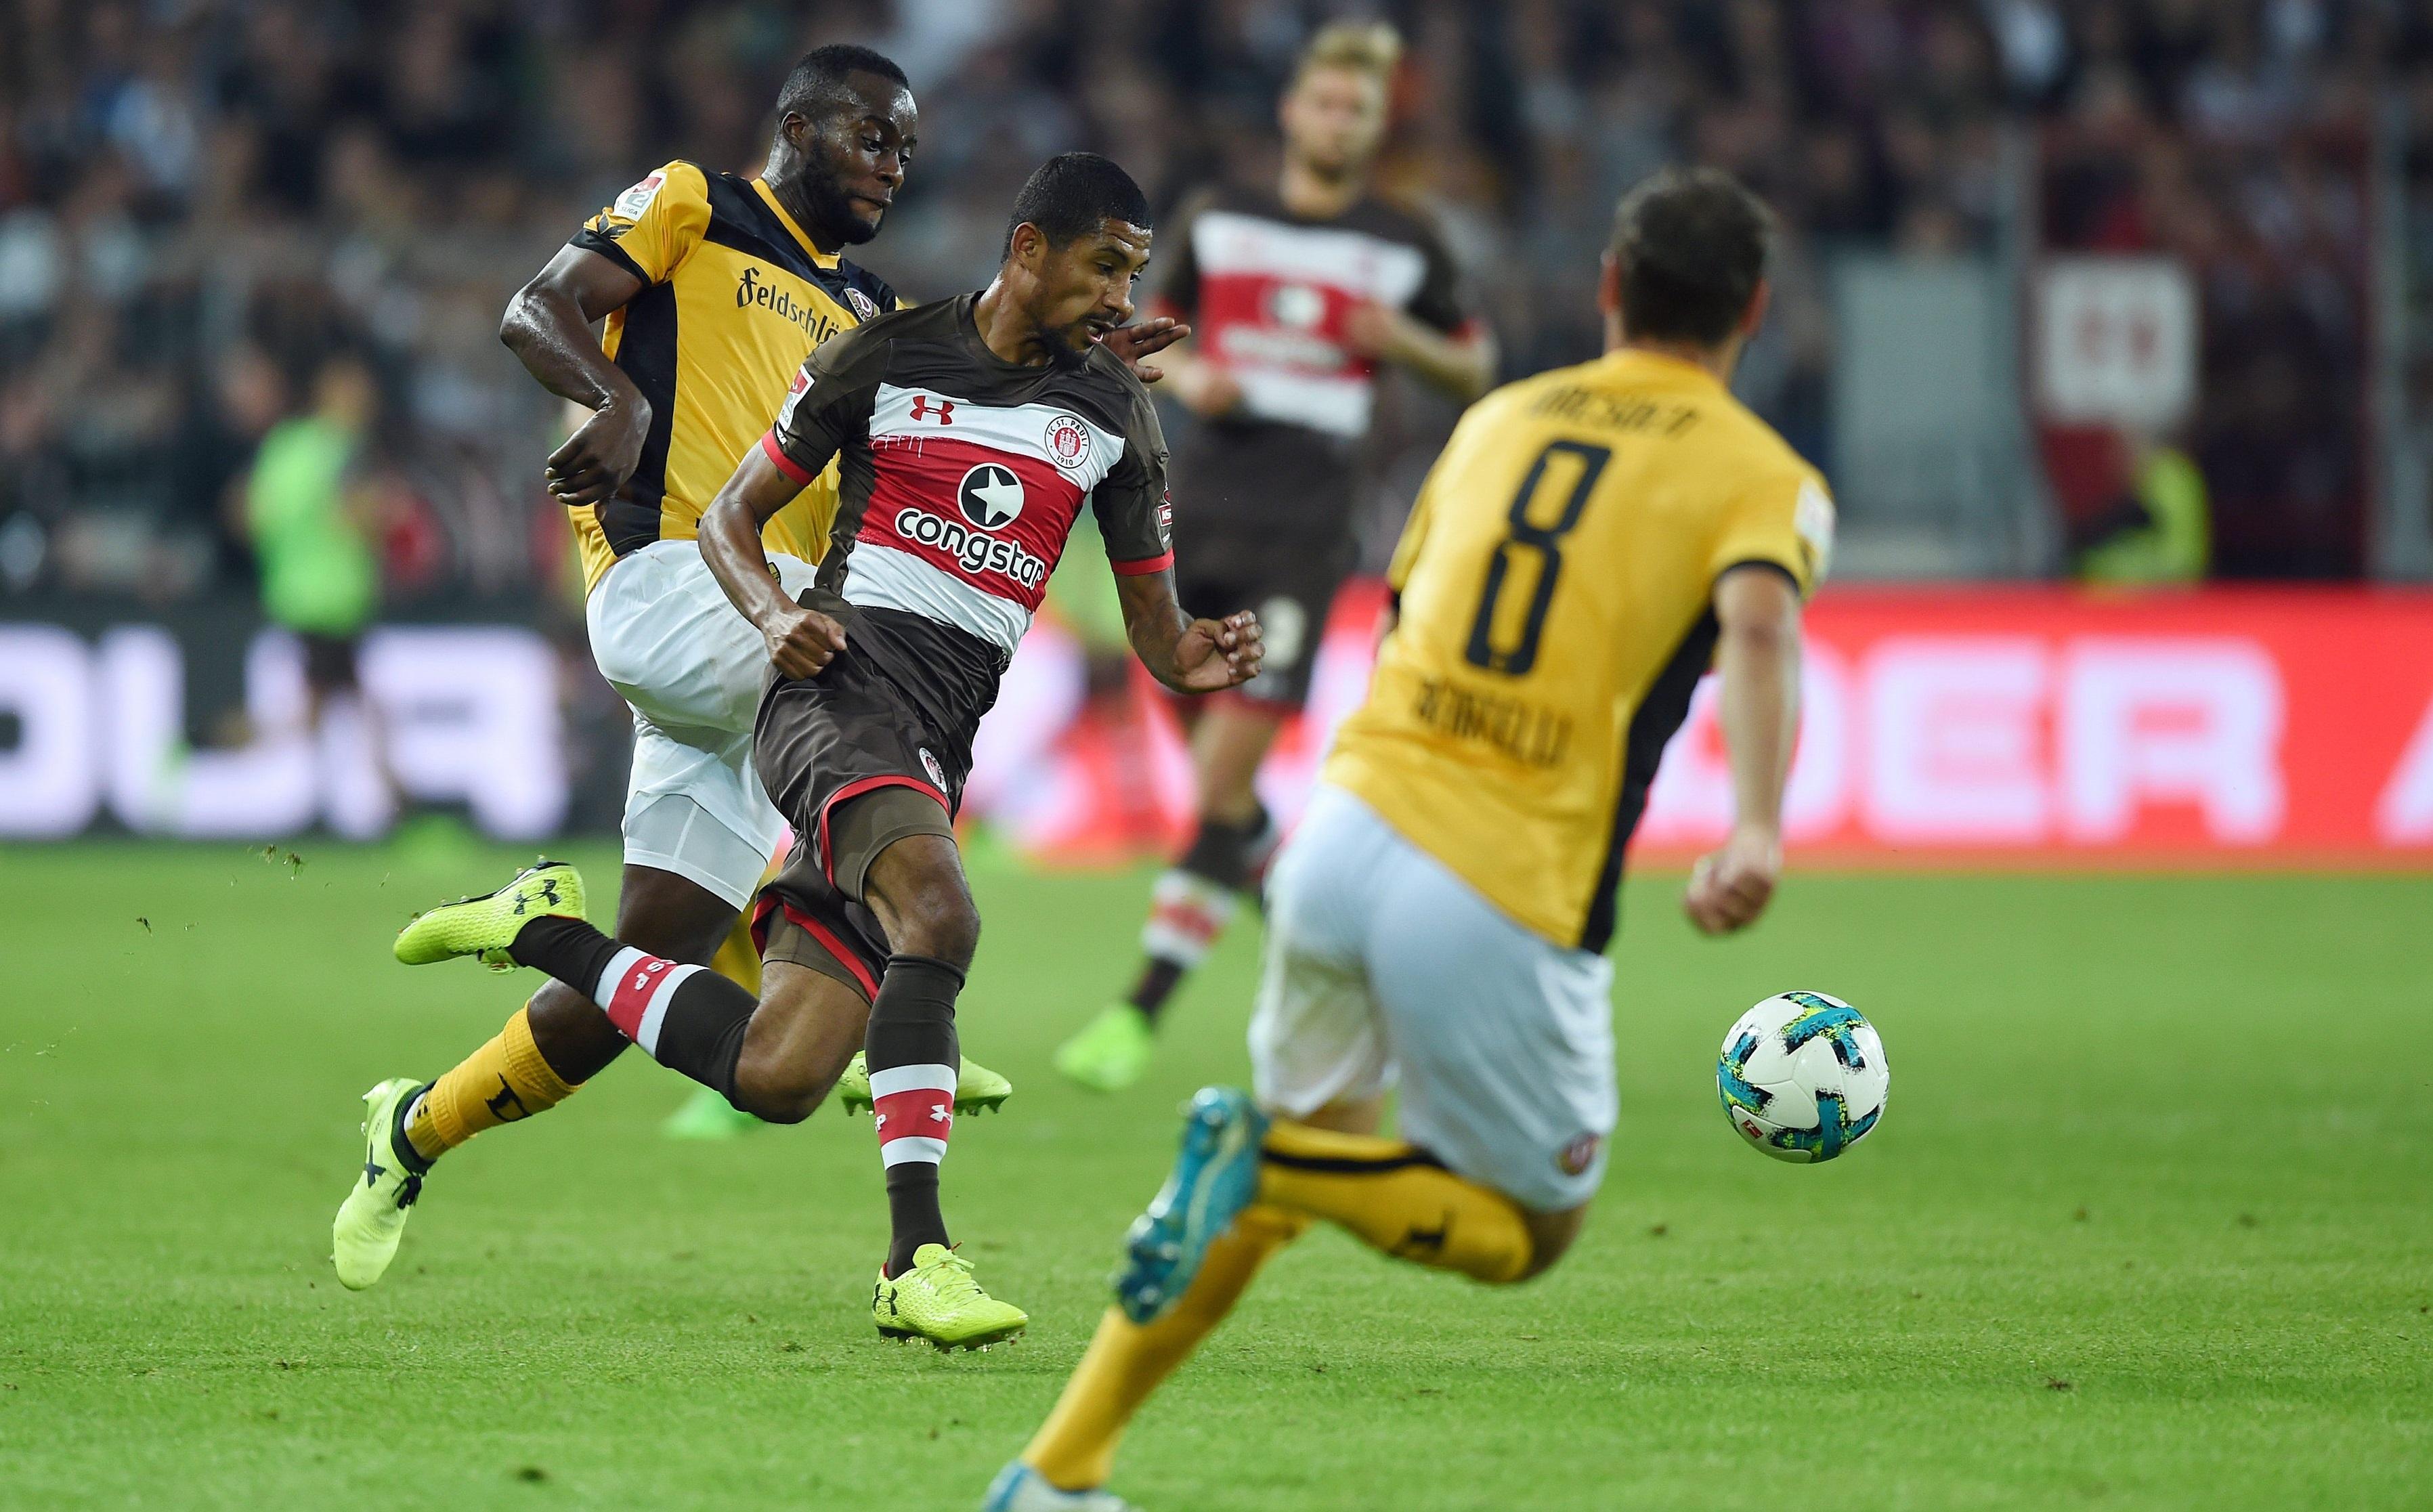 Zu Gast bei Dynamo Dresden – Infos zum Kartenverkauf